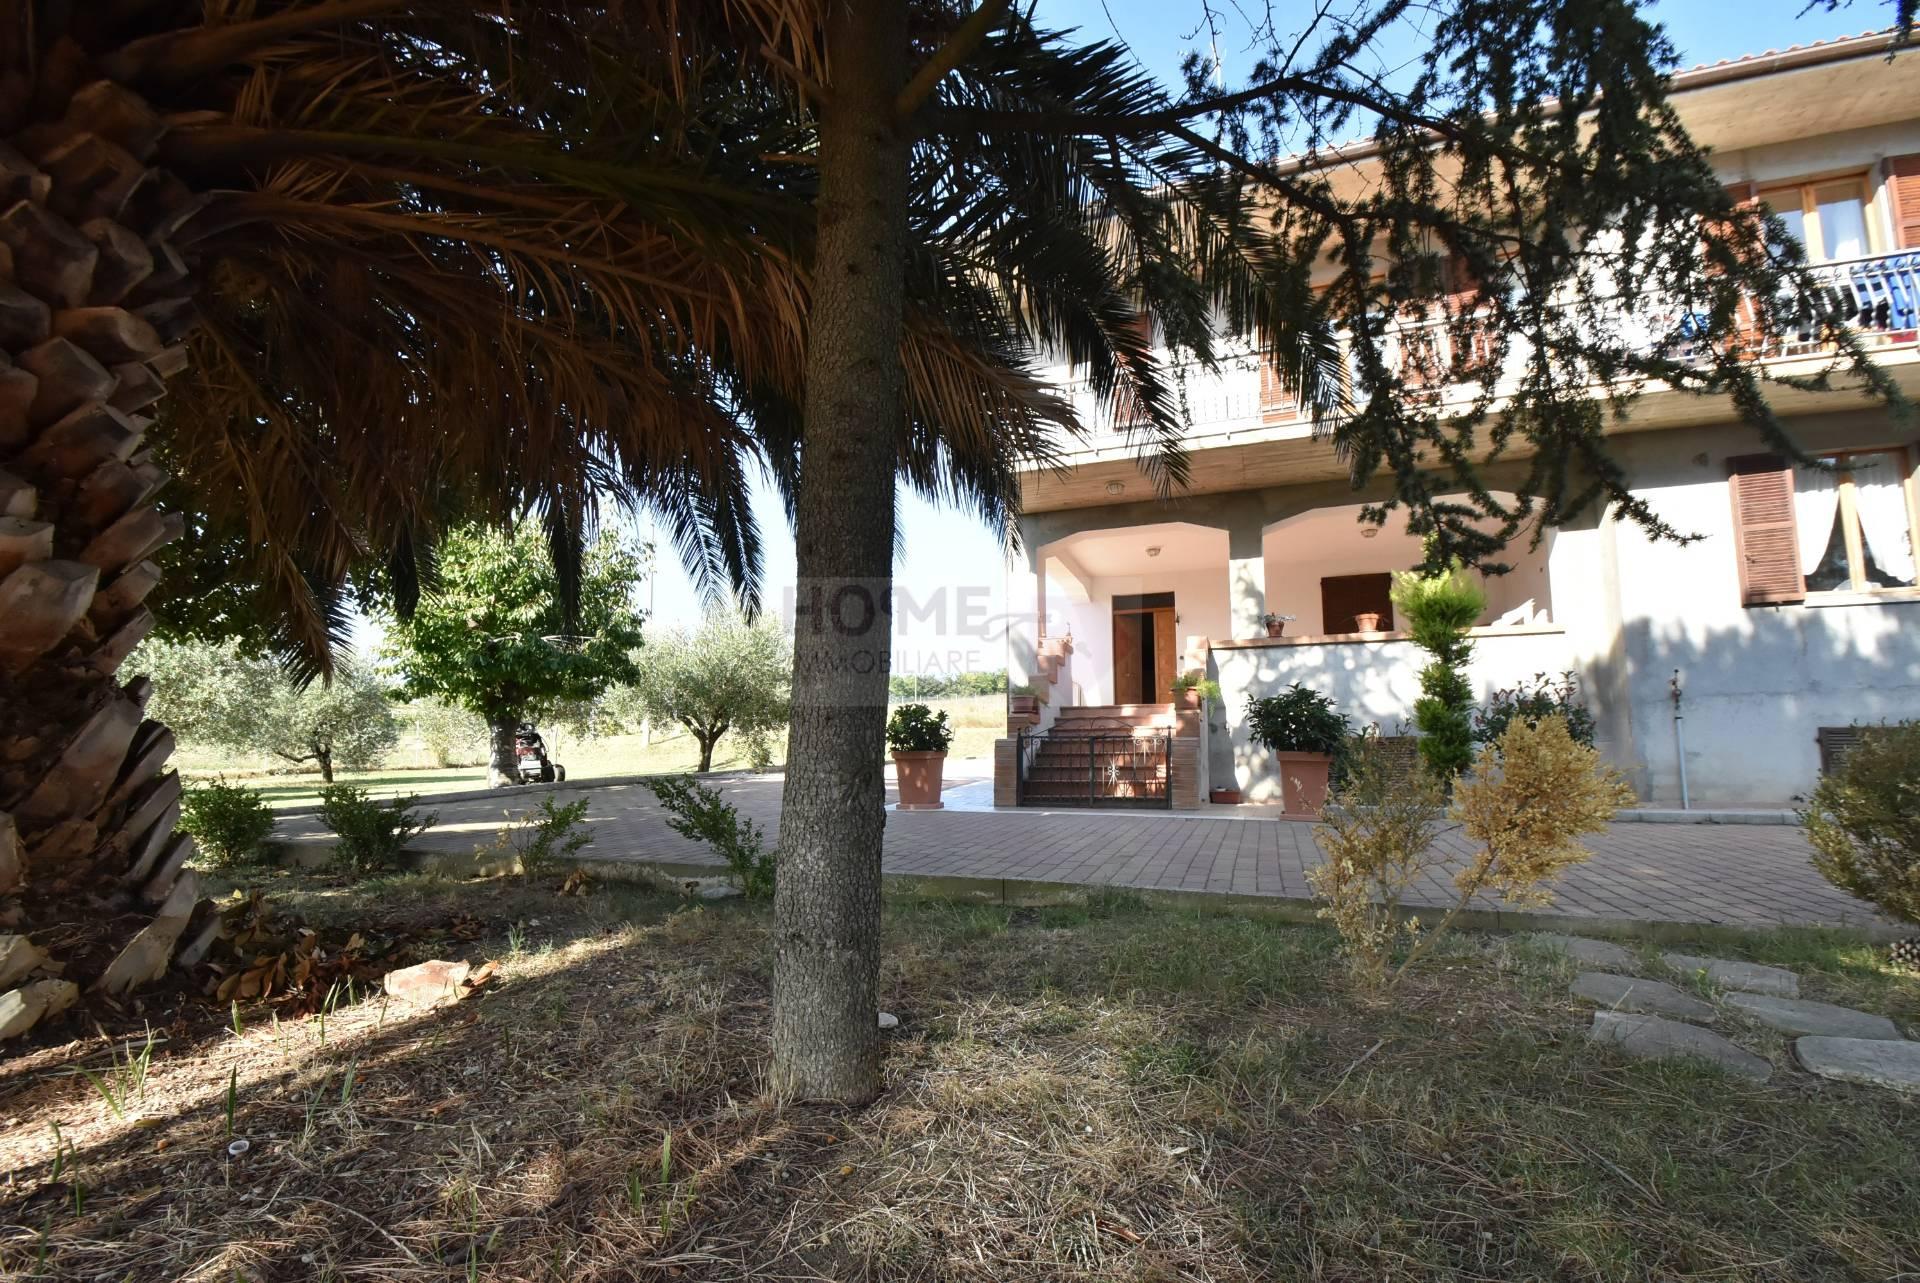 Soluzione Indipendente in vendita a Macerata, 12 locali, prezzo € 450.000 | Cambio Casa.it